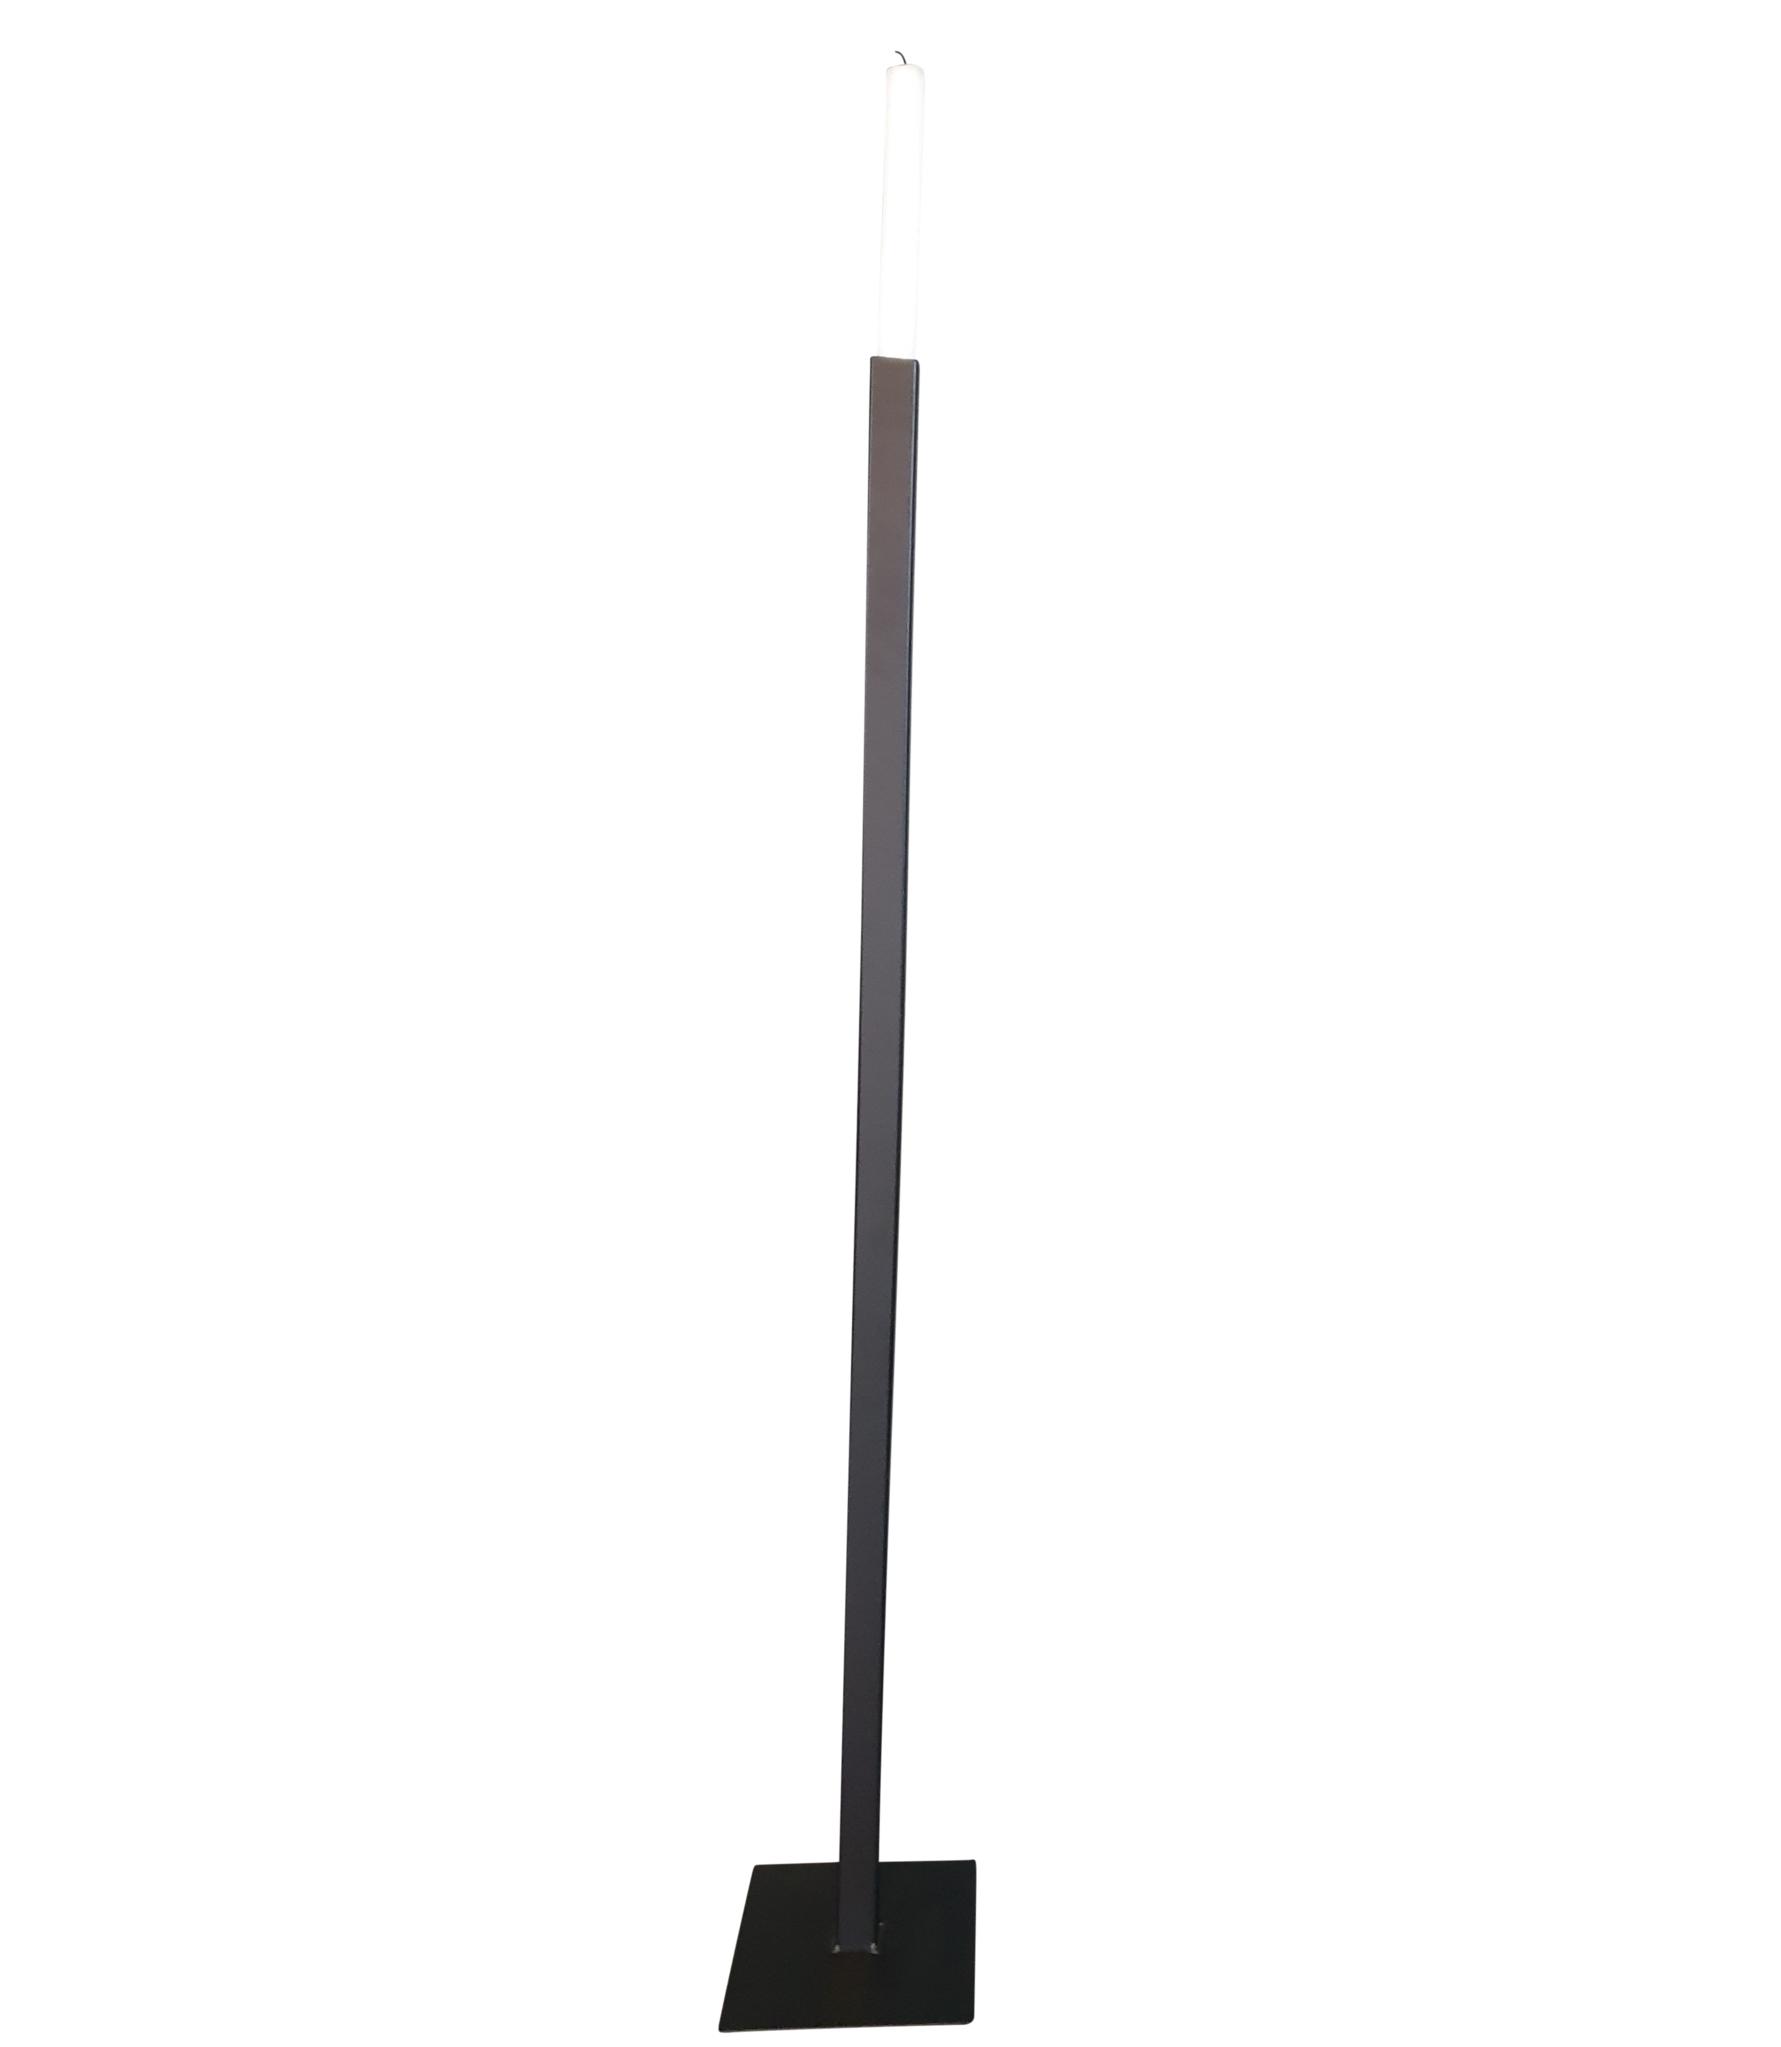 Stoer Metaal de vloerkandelaar Vierkant, zwart